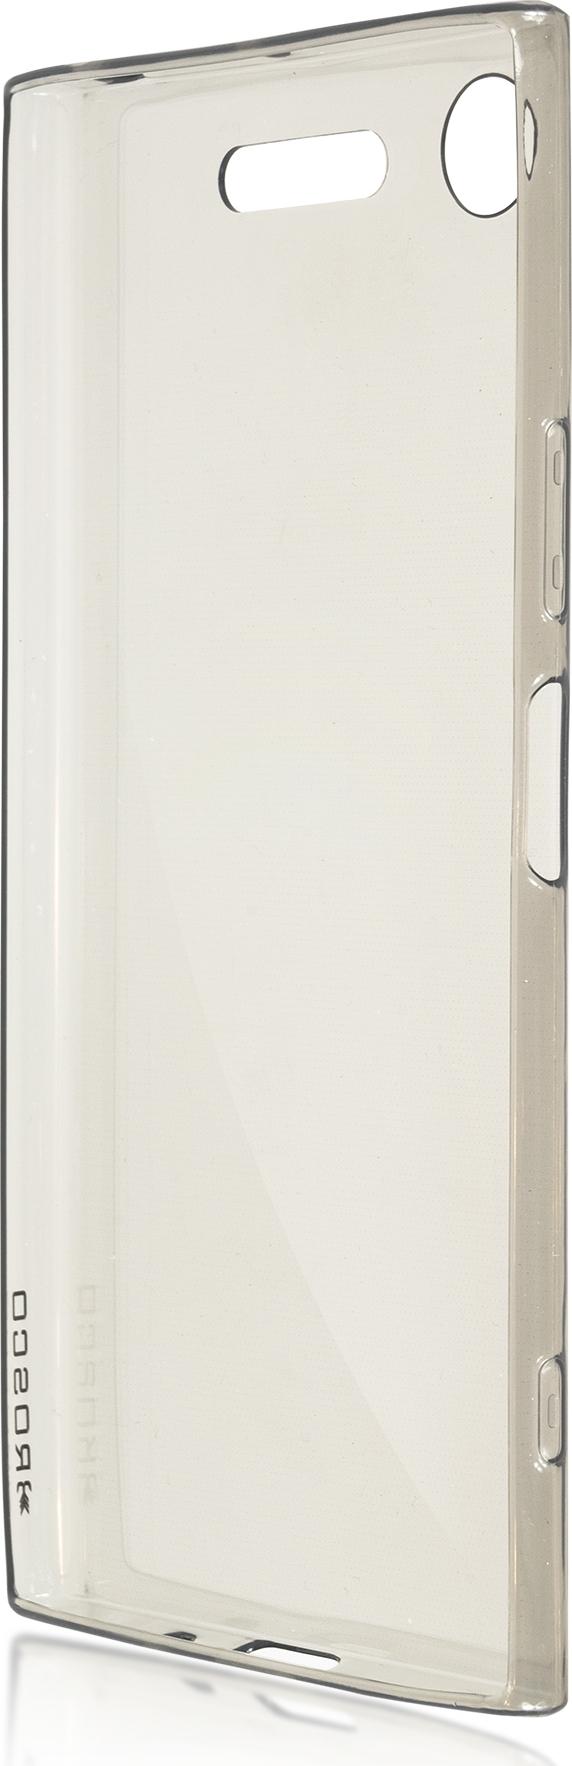 Чехол Brosco TPU для Sony Xperia XZ1, черный